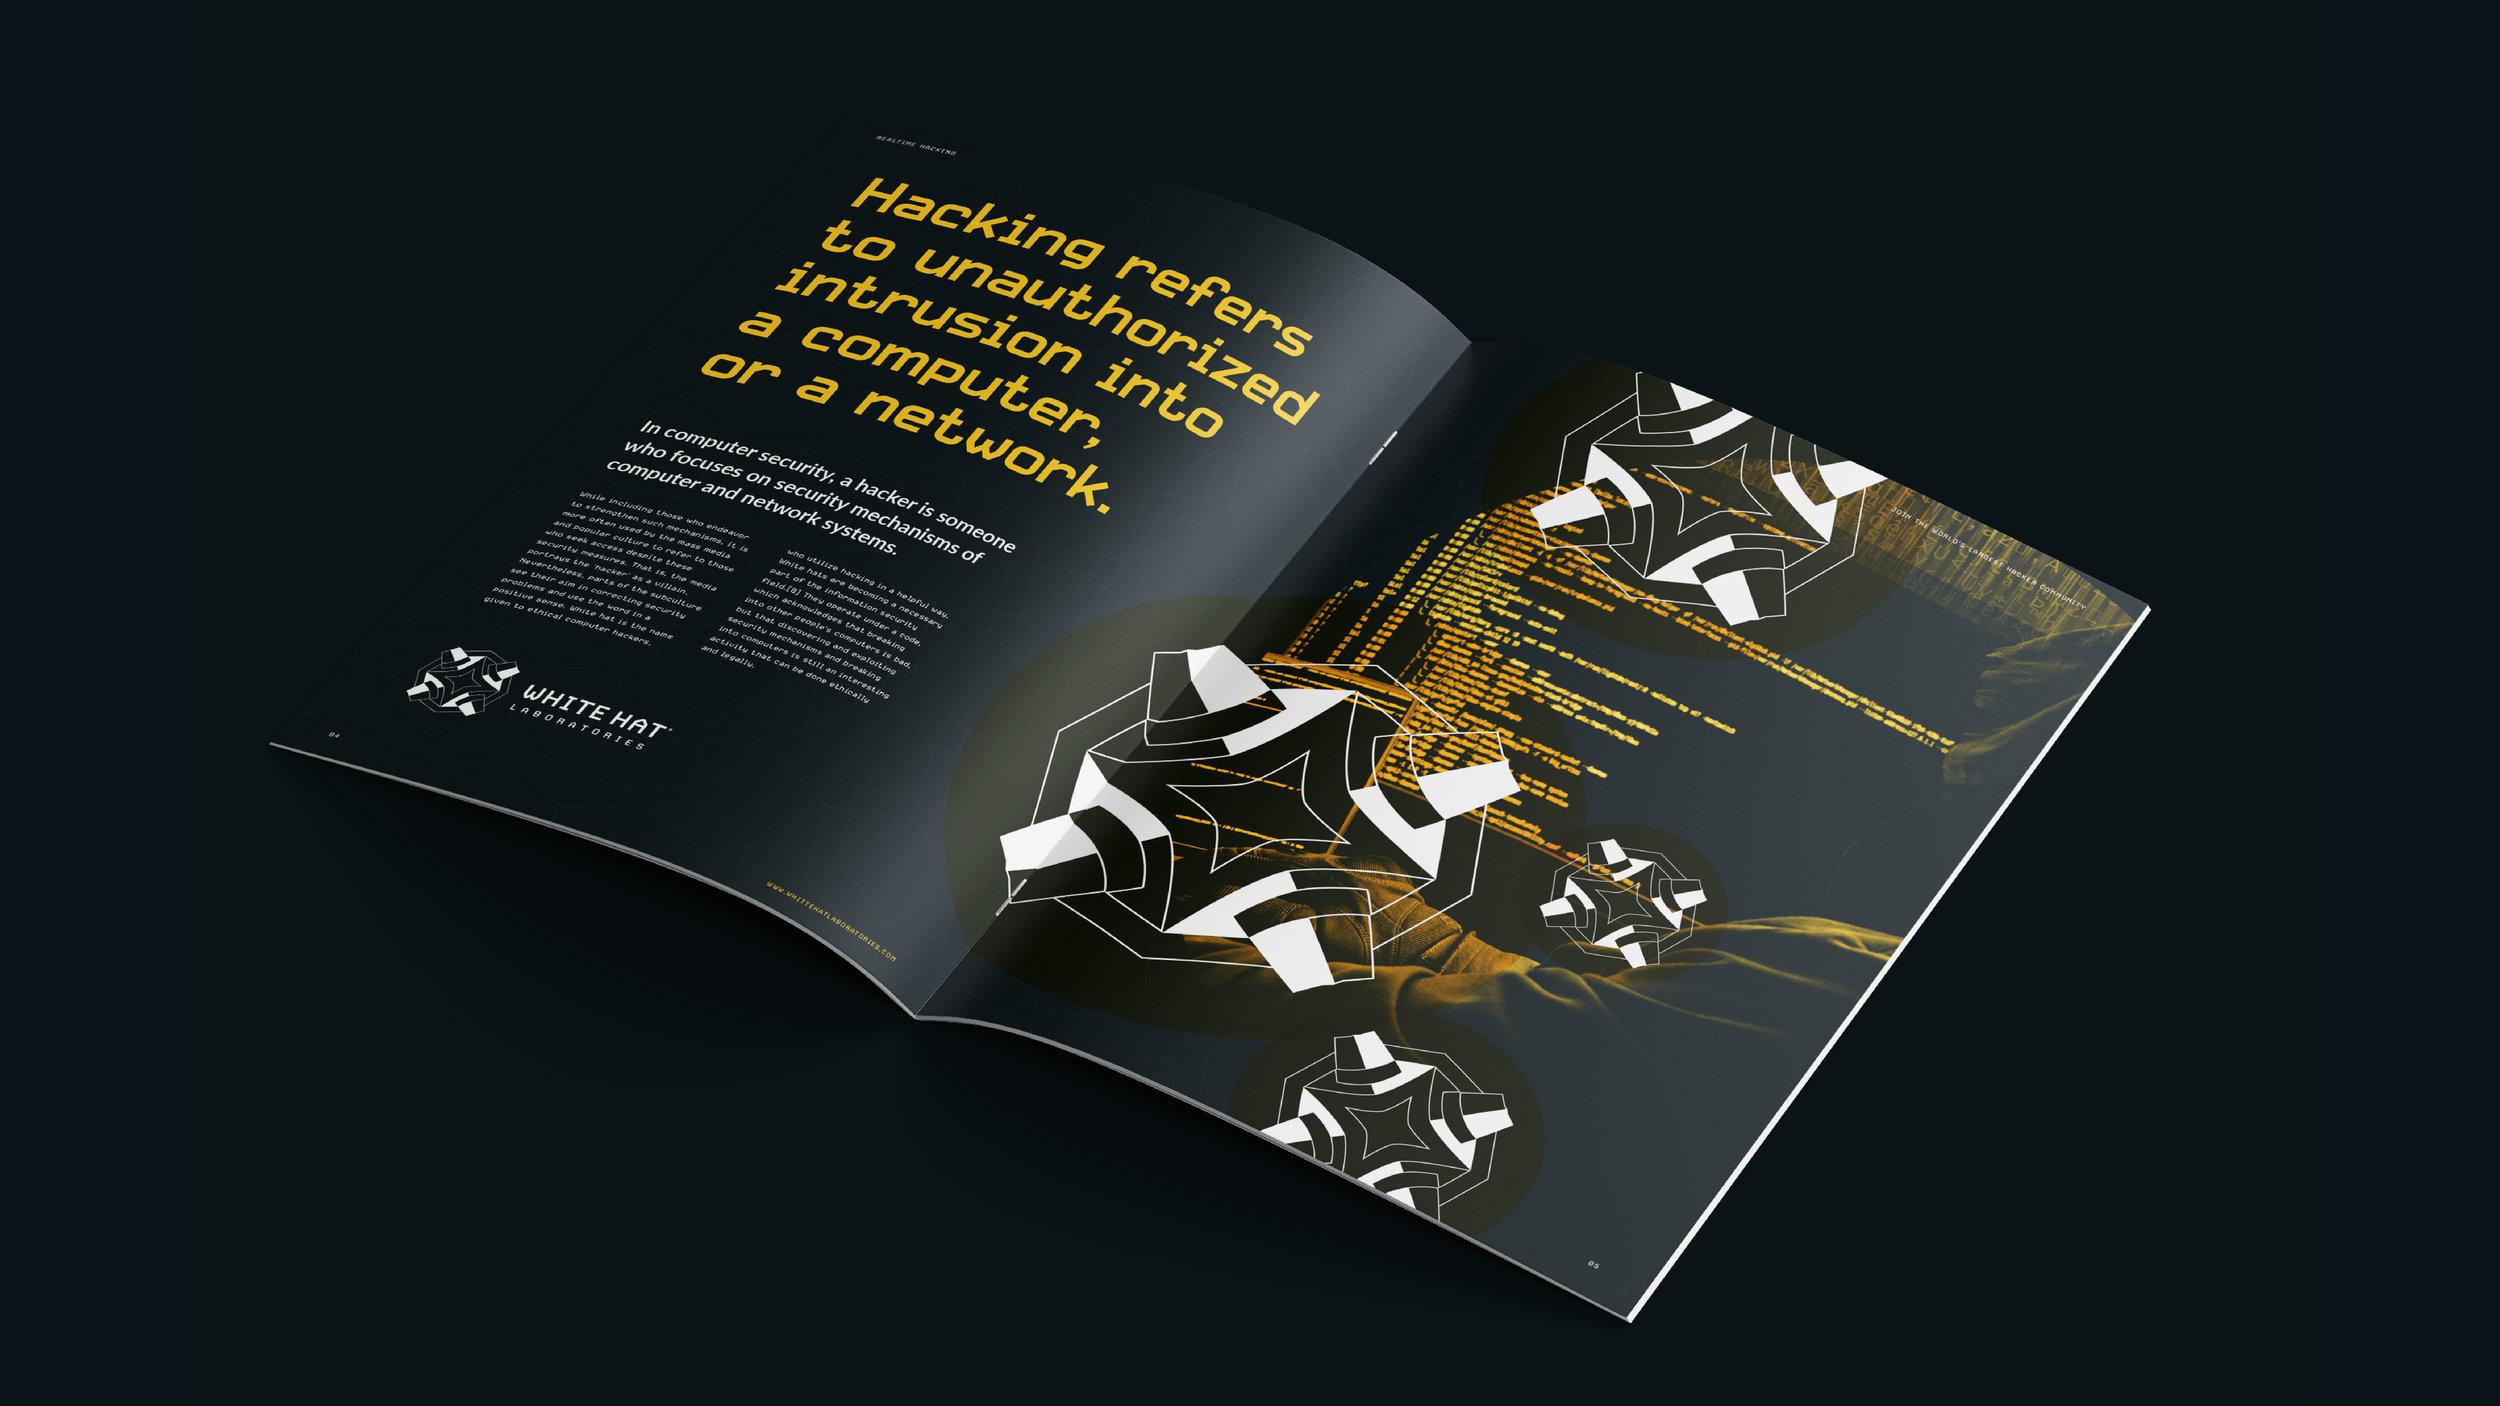 White Hat Laboratories brochure spread